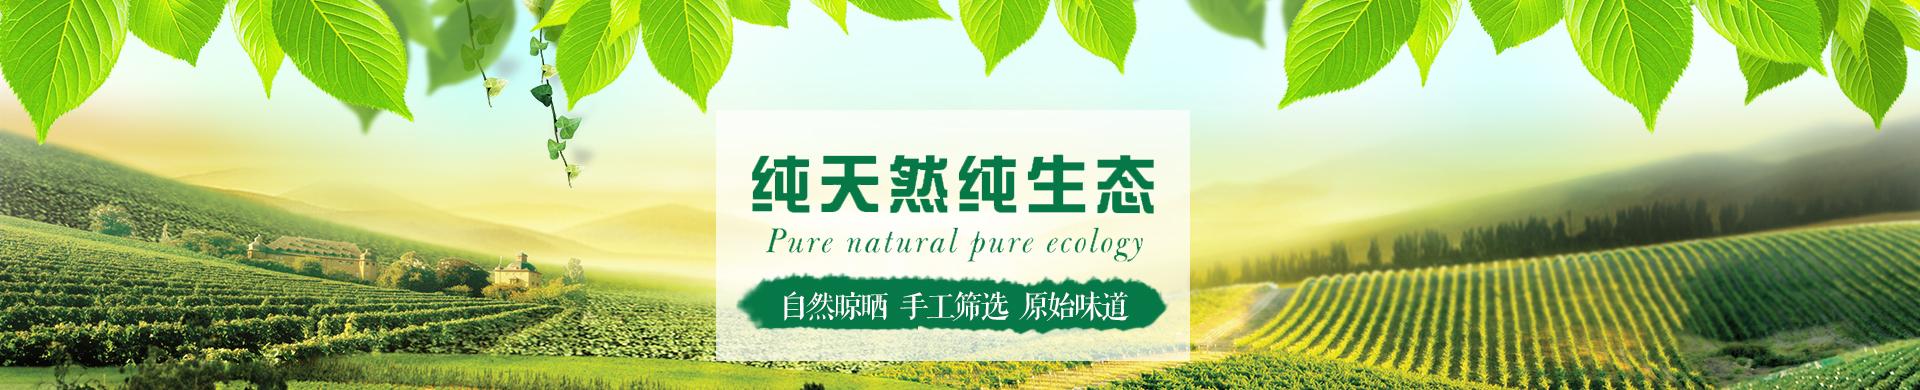 纯天然纯生态